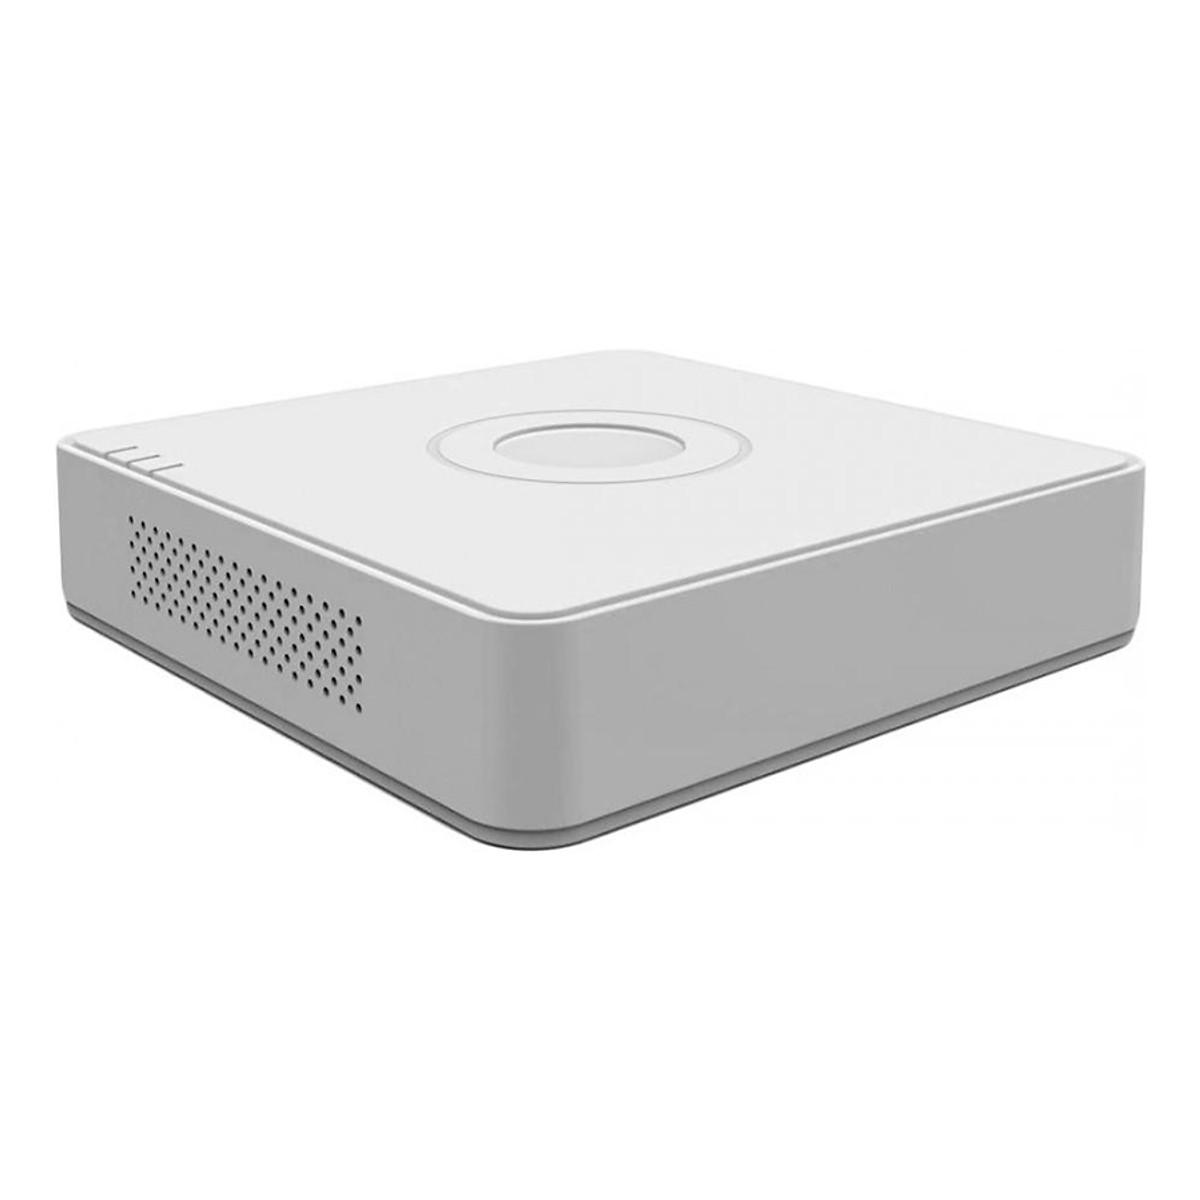 Đầu Ghi Hình Camera IP 4 Kênh Hikvision DS-7104NI-Q1 – Hàng Nhập Khẩu